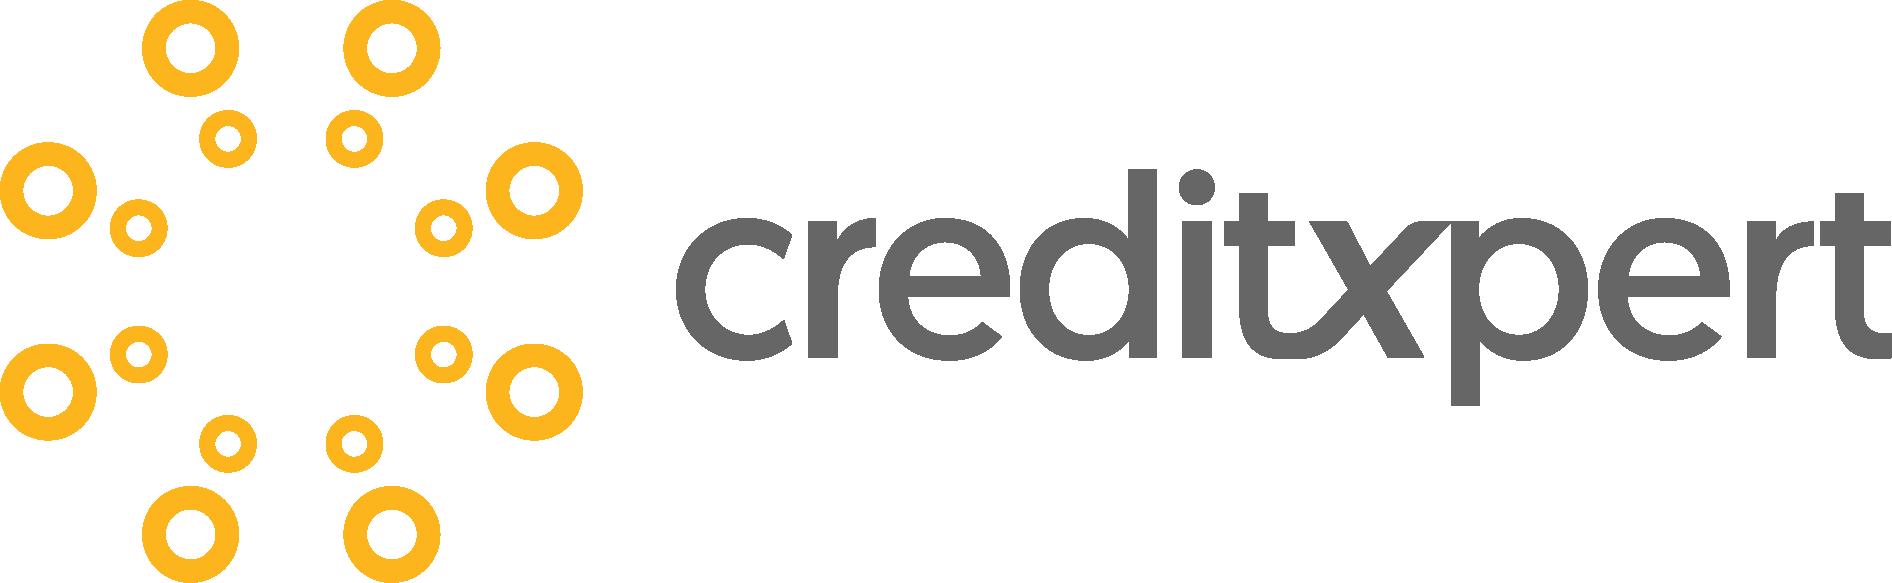 Creditxpert-Standard-RGB-1